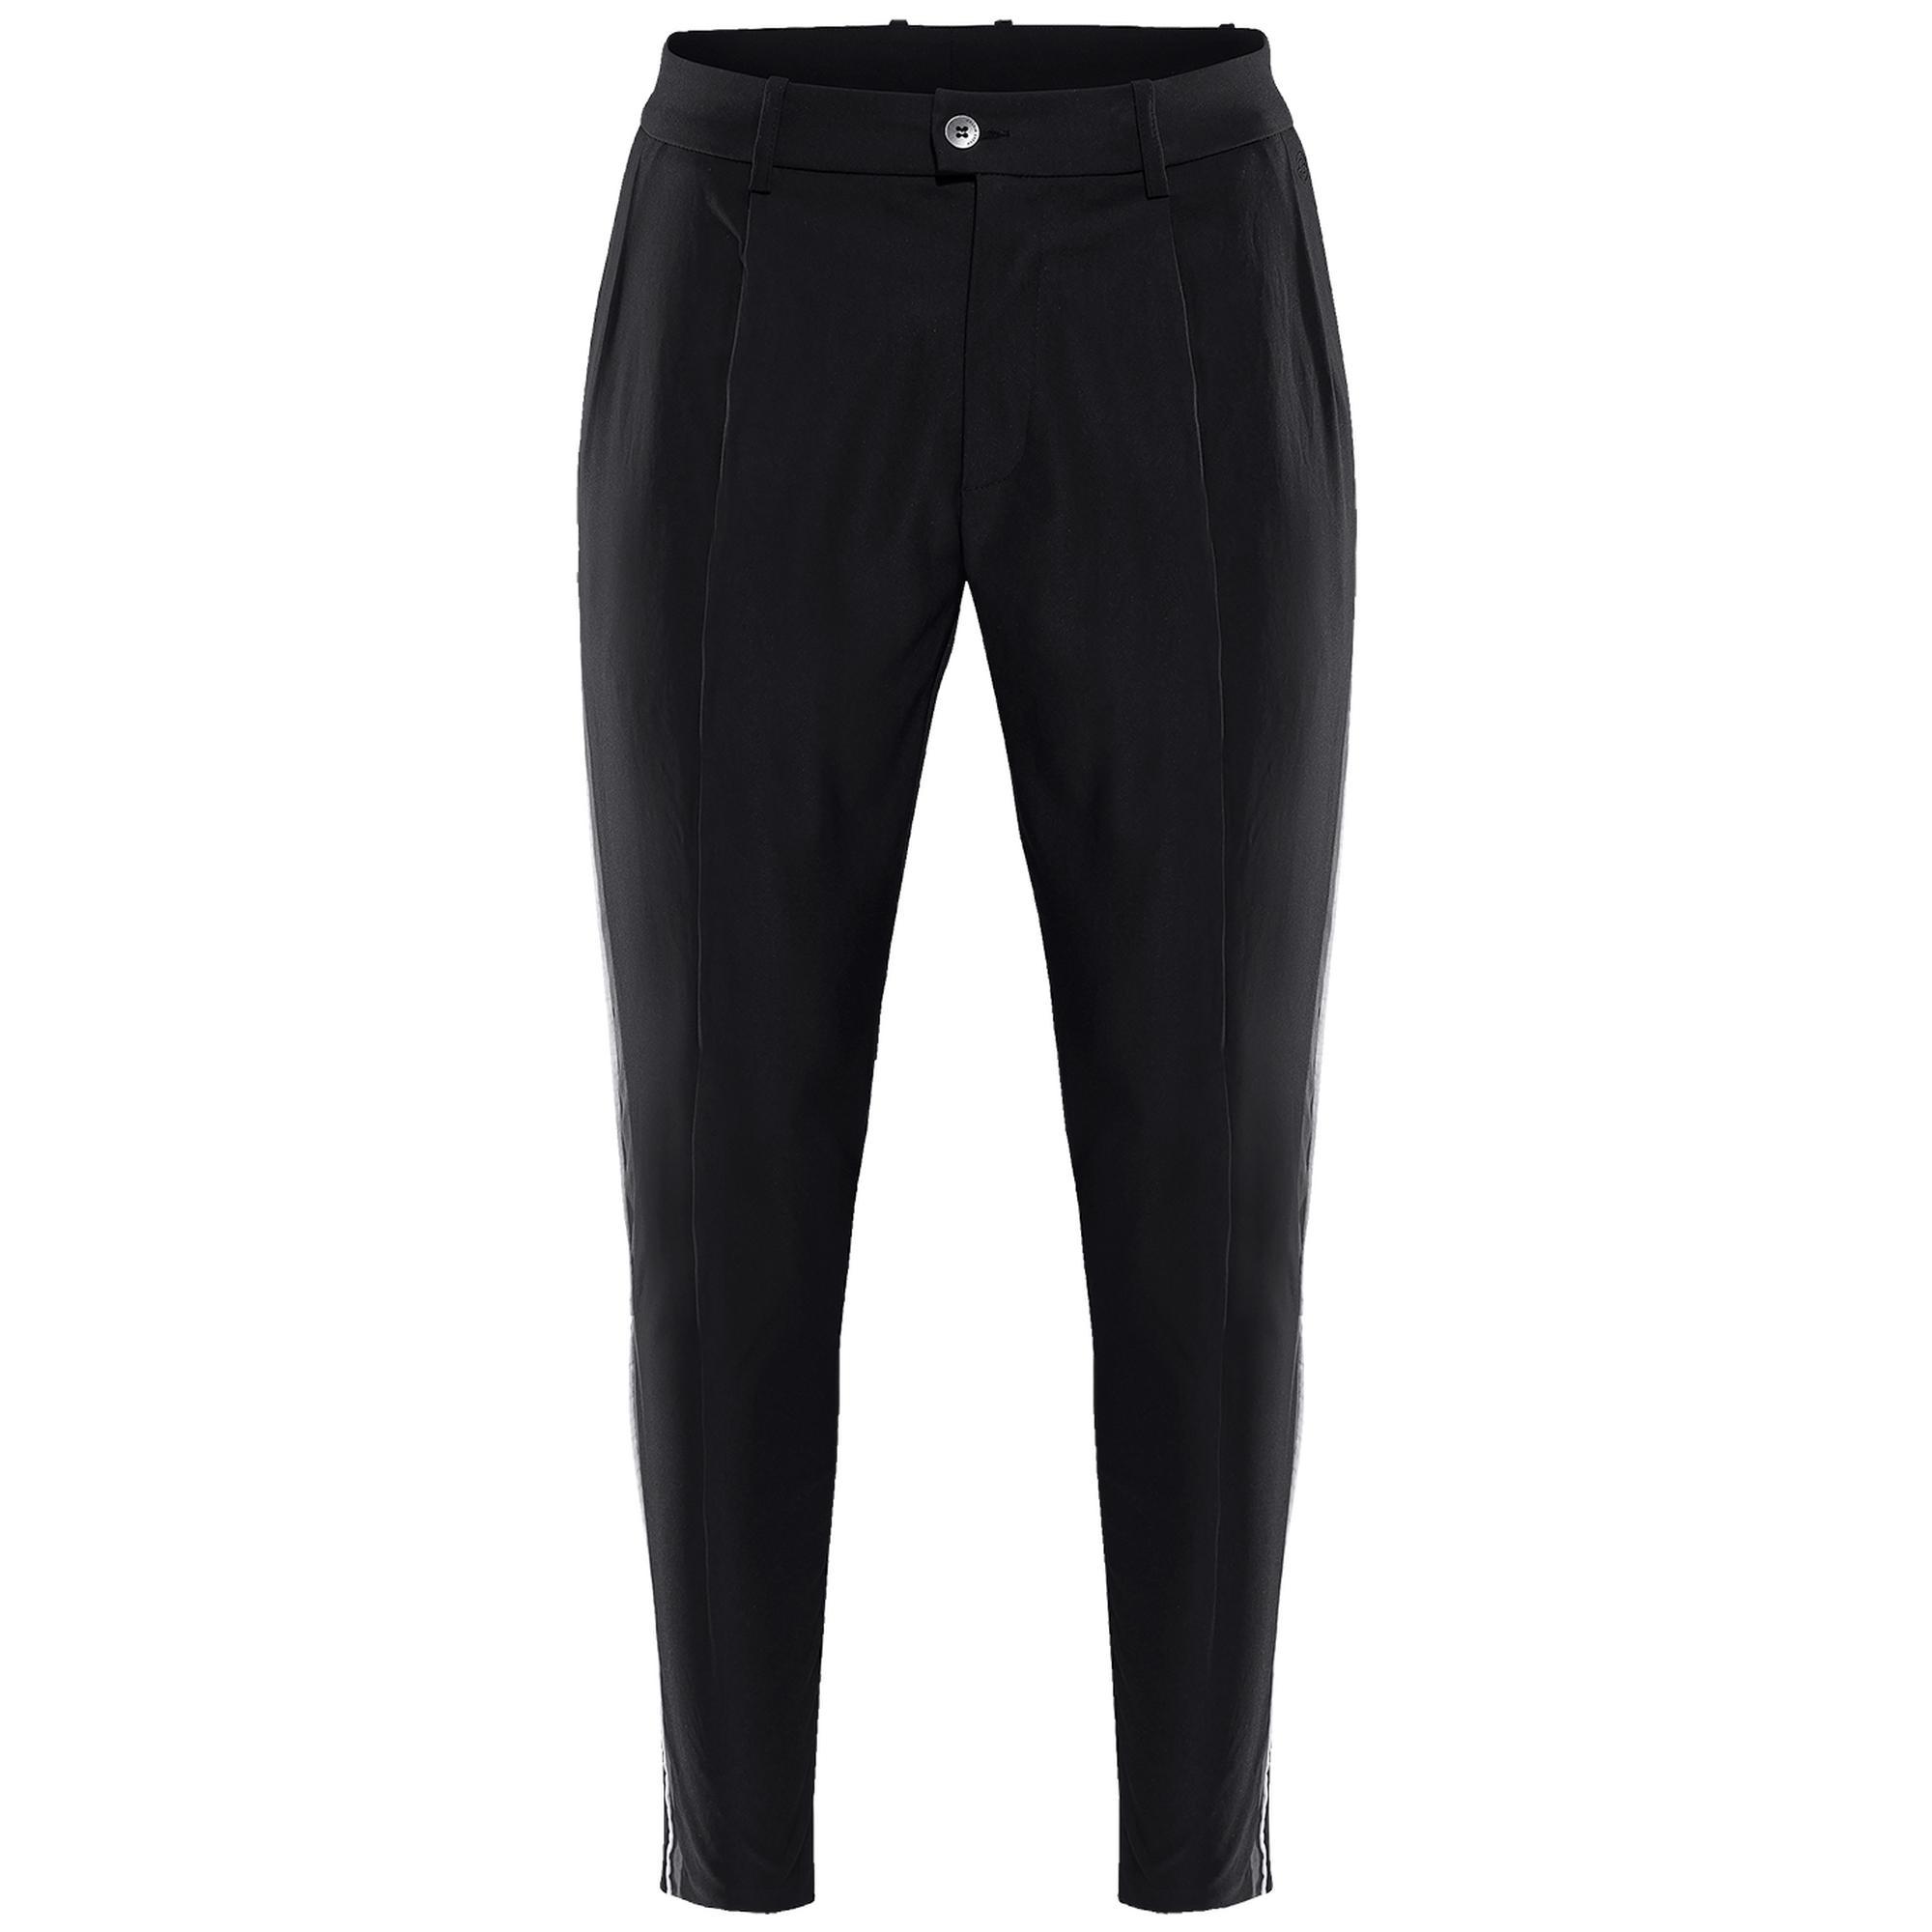 Men's E-Black Pants